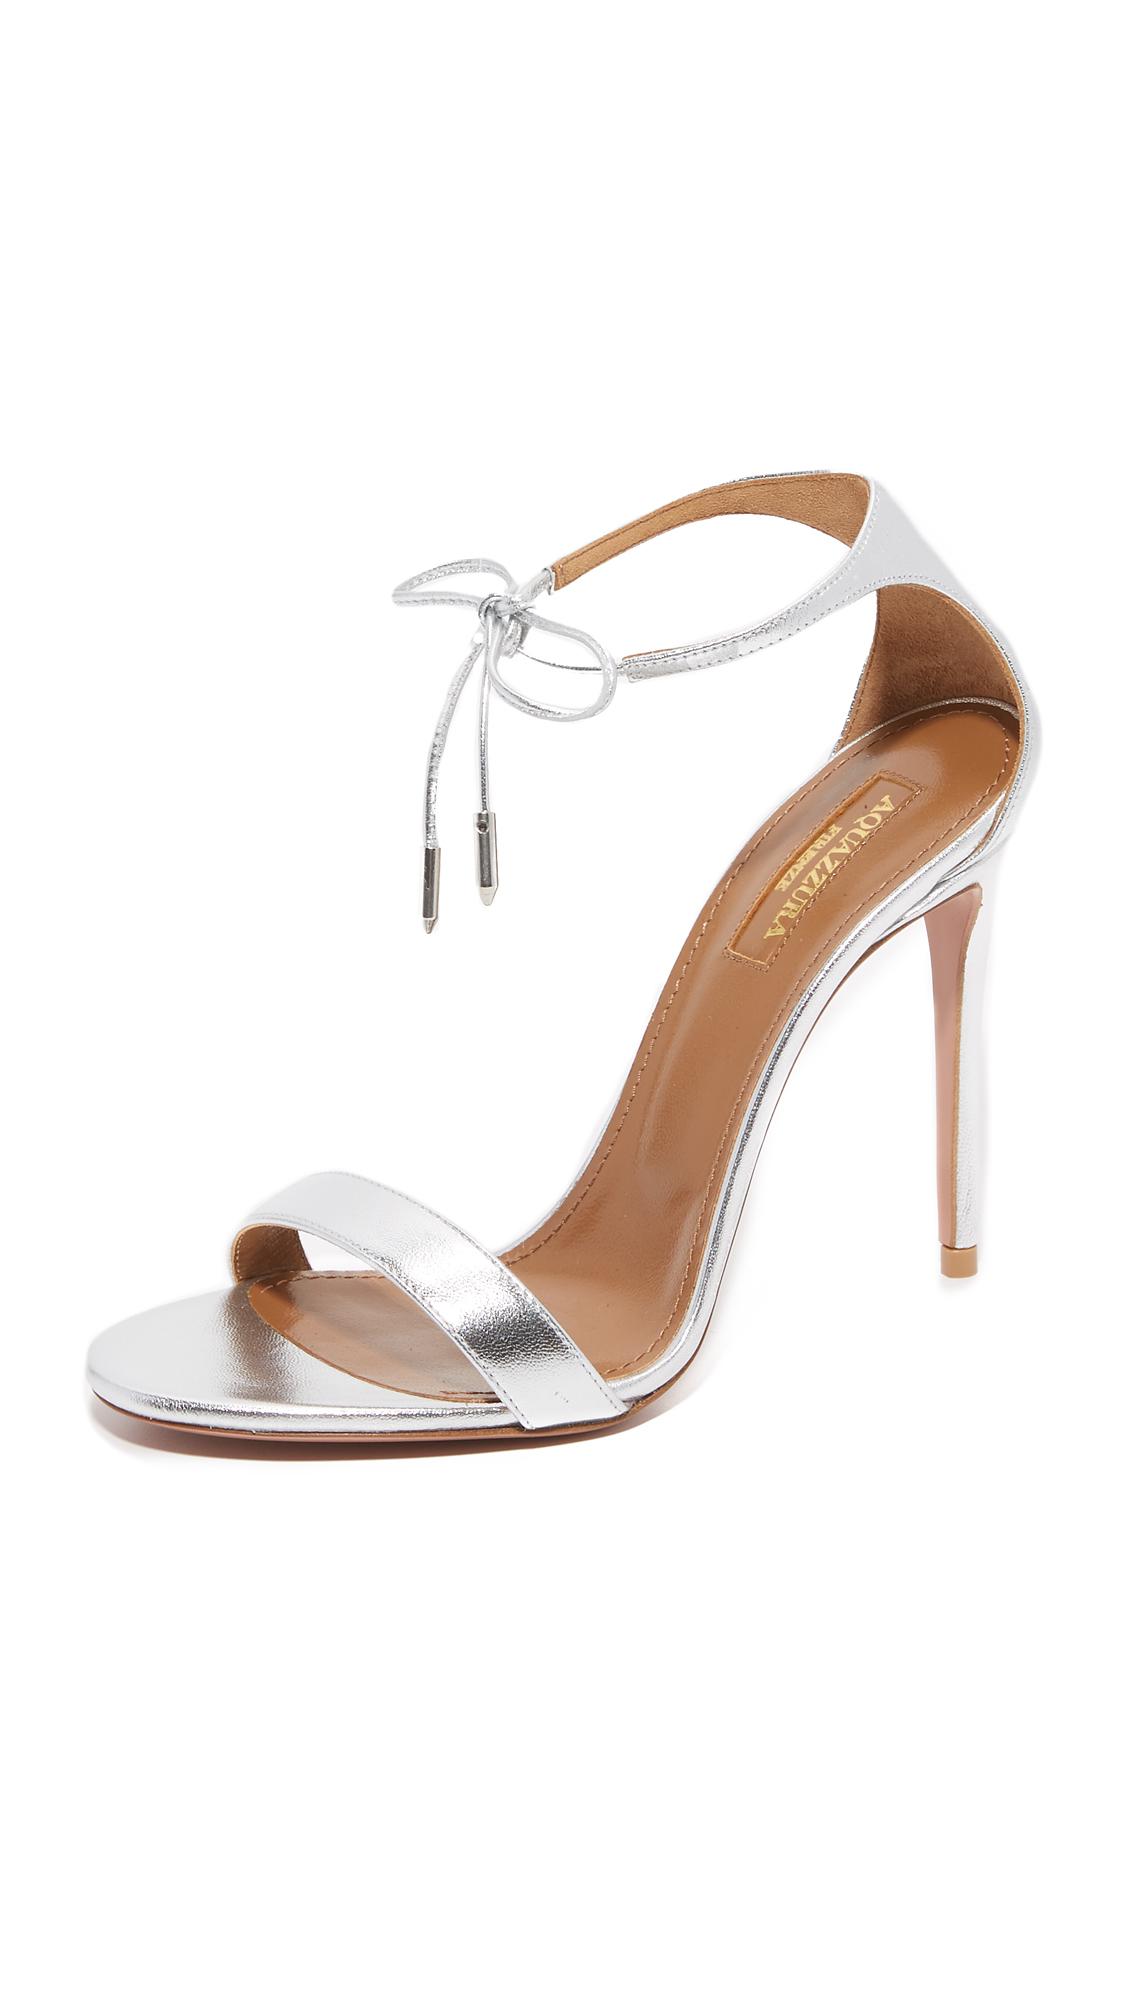 Aquazzura Dasha Sandals - Silver at Shopbop